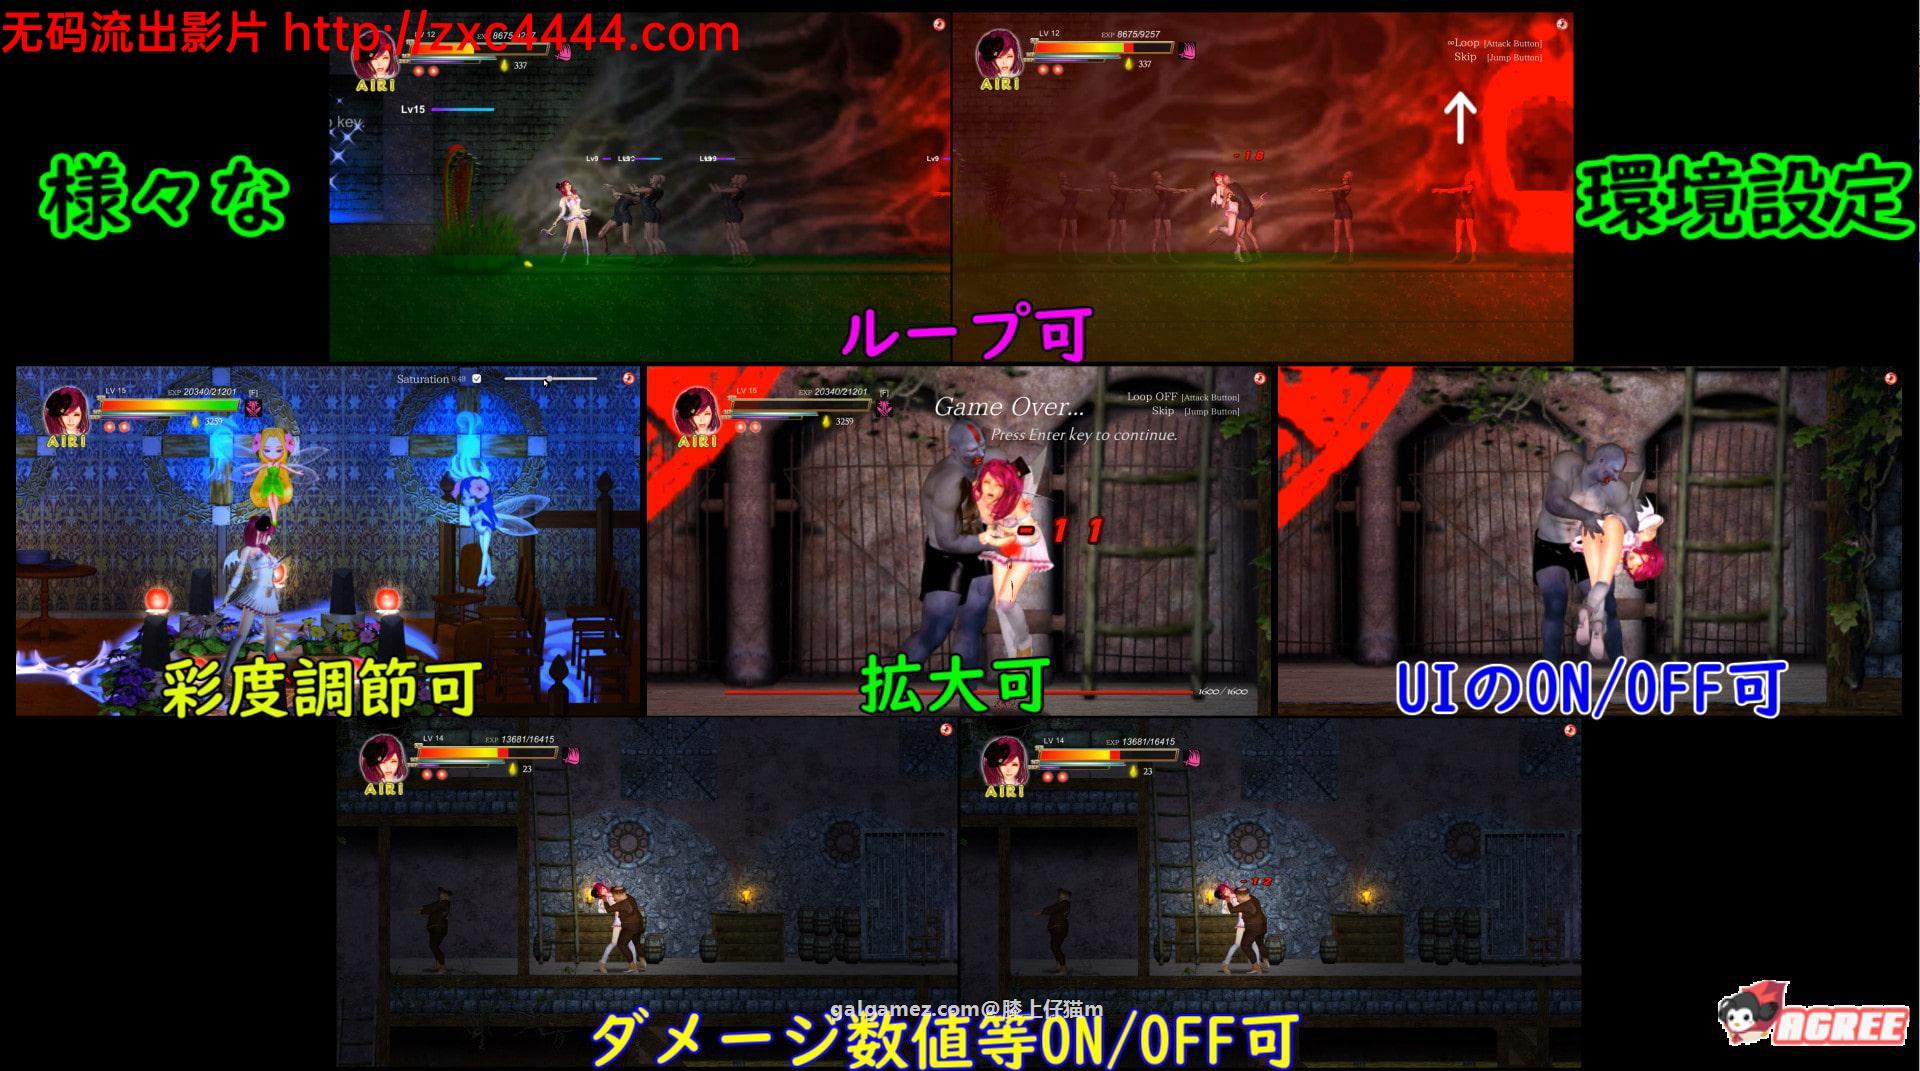 【大型ACT/中文/全动态】AIRI地狱:纯白女神与亡者之都 V1.20官中版+全DLC+存档【8G】 10